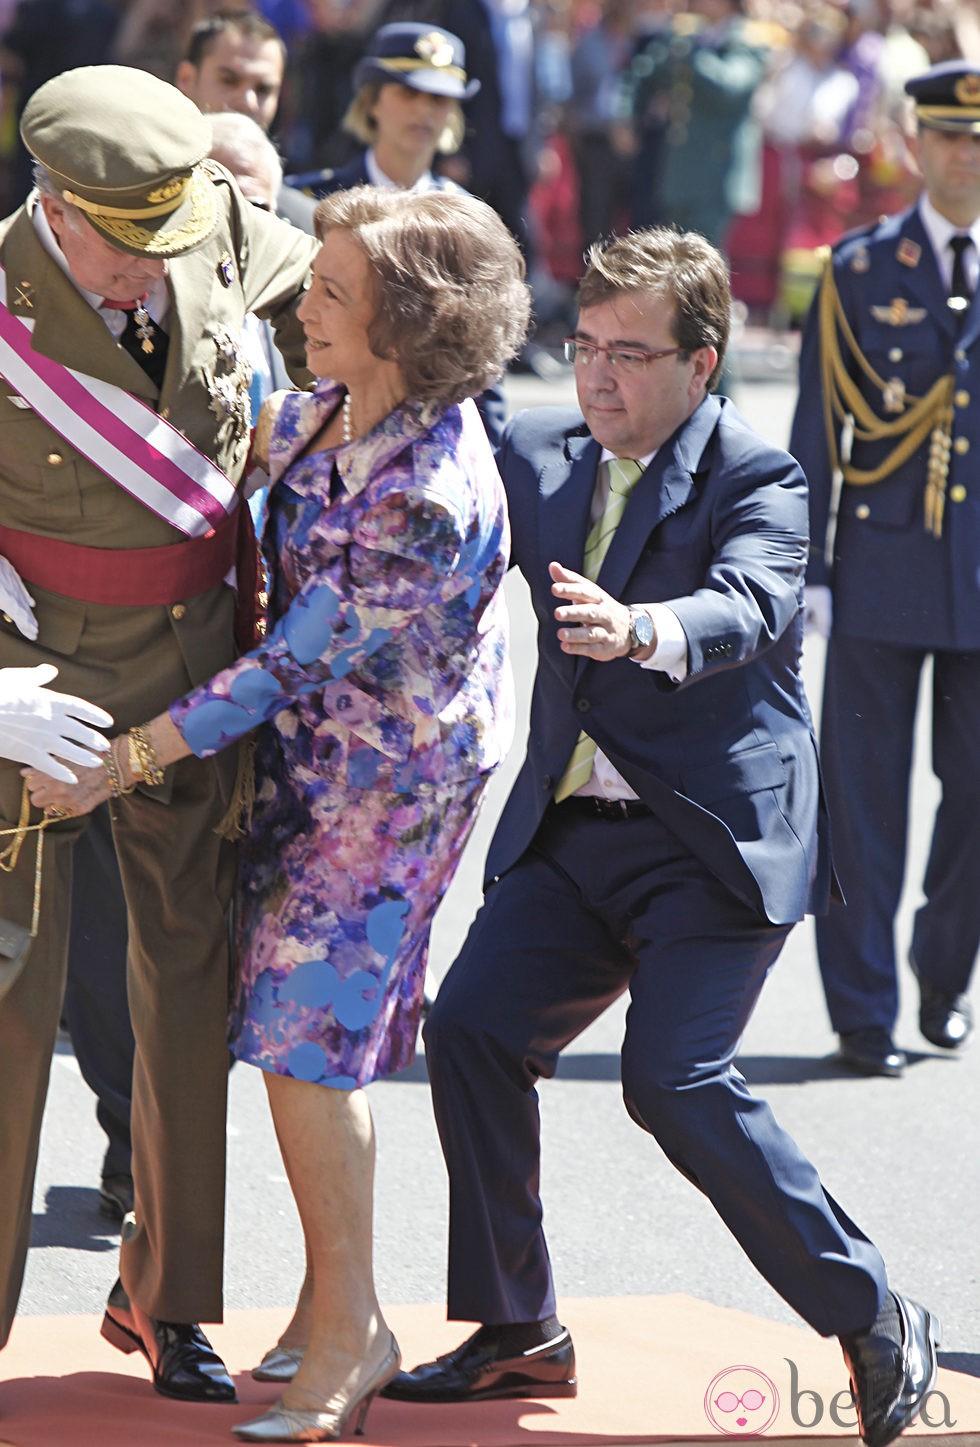 La Reina Sofía tropieza y tiene que ser sostenida por el Rey Juan Carlos